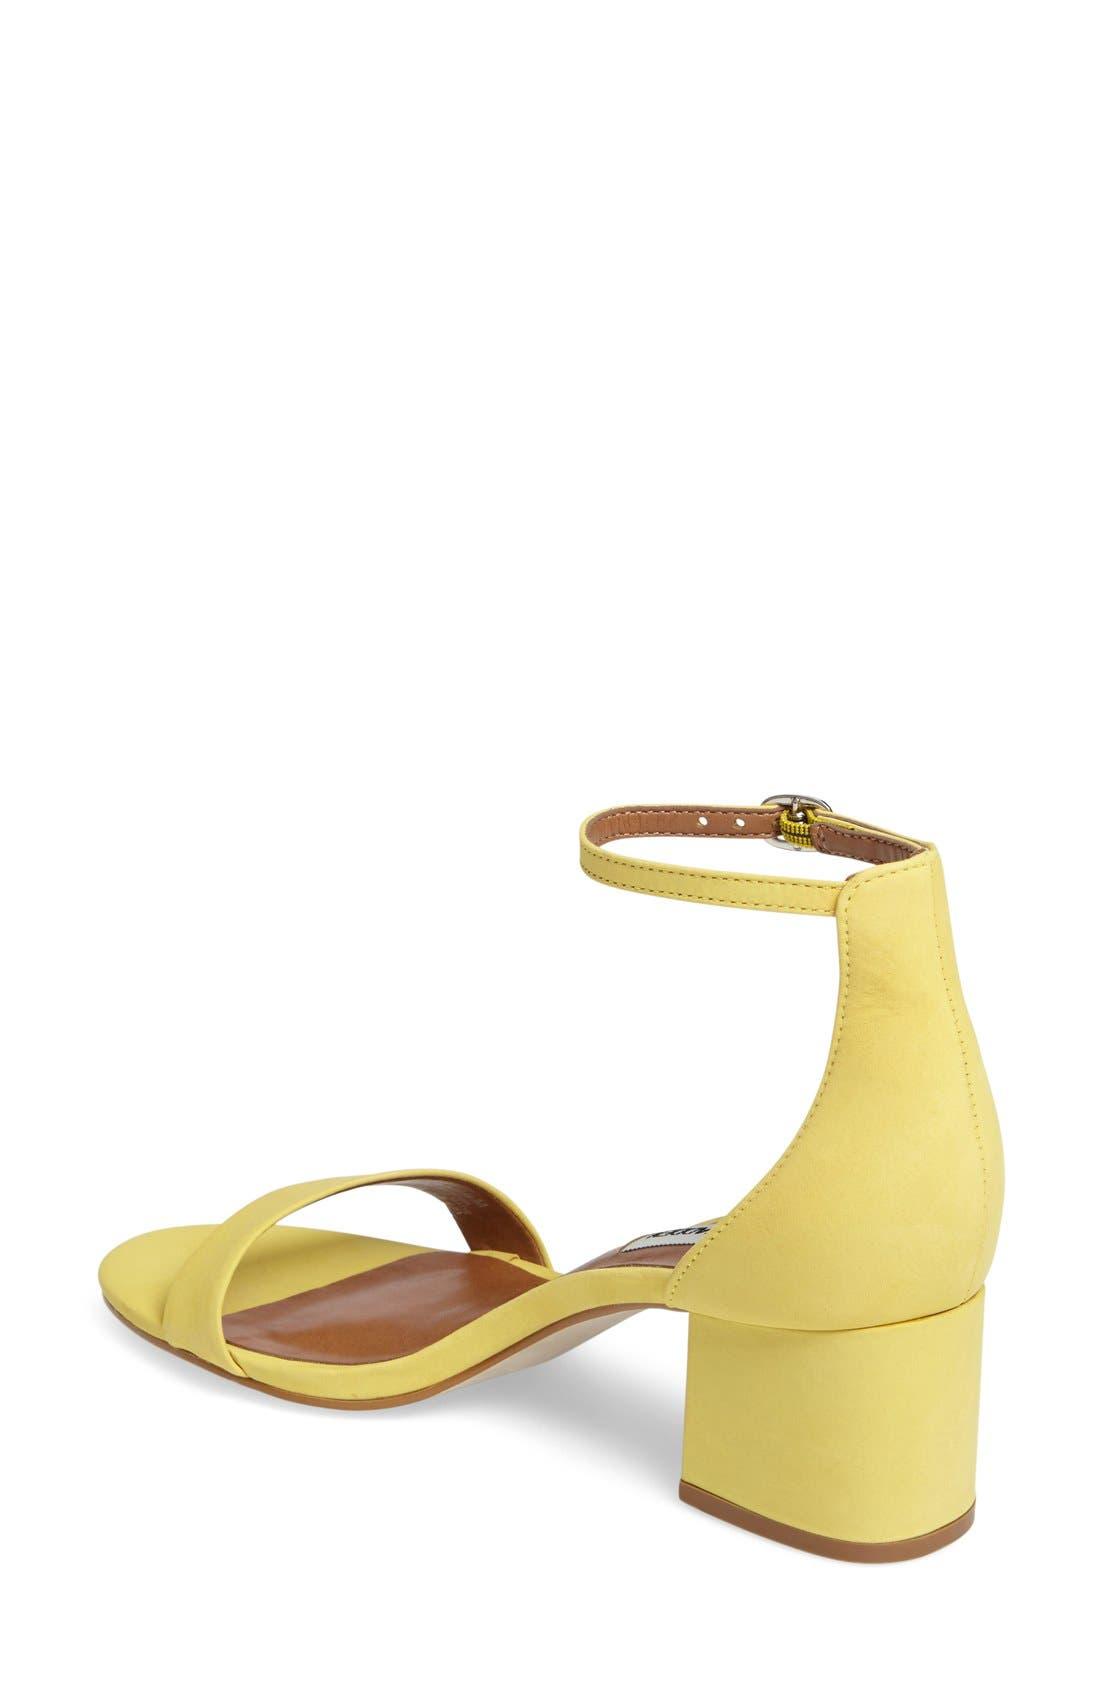 Irenee Ankle Strap Sandal,                             Alternate thumbnail 114, color,